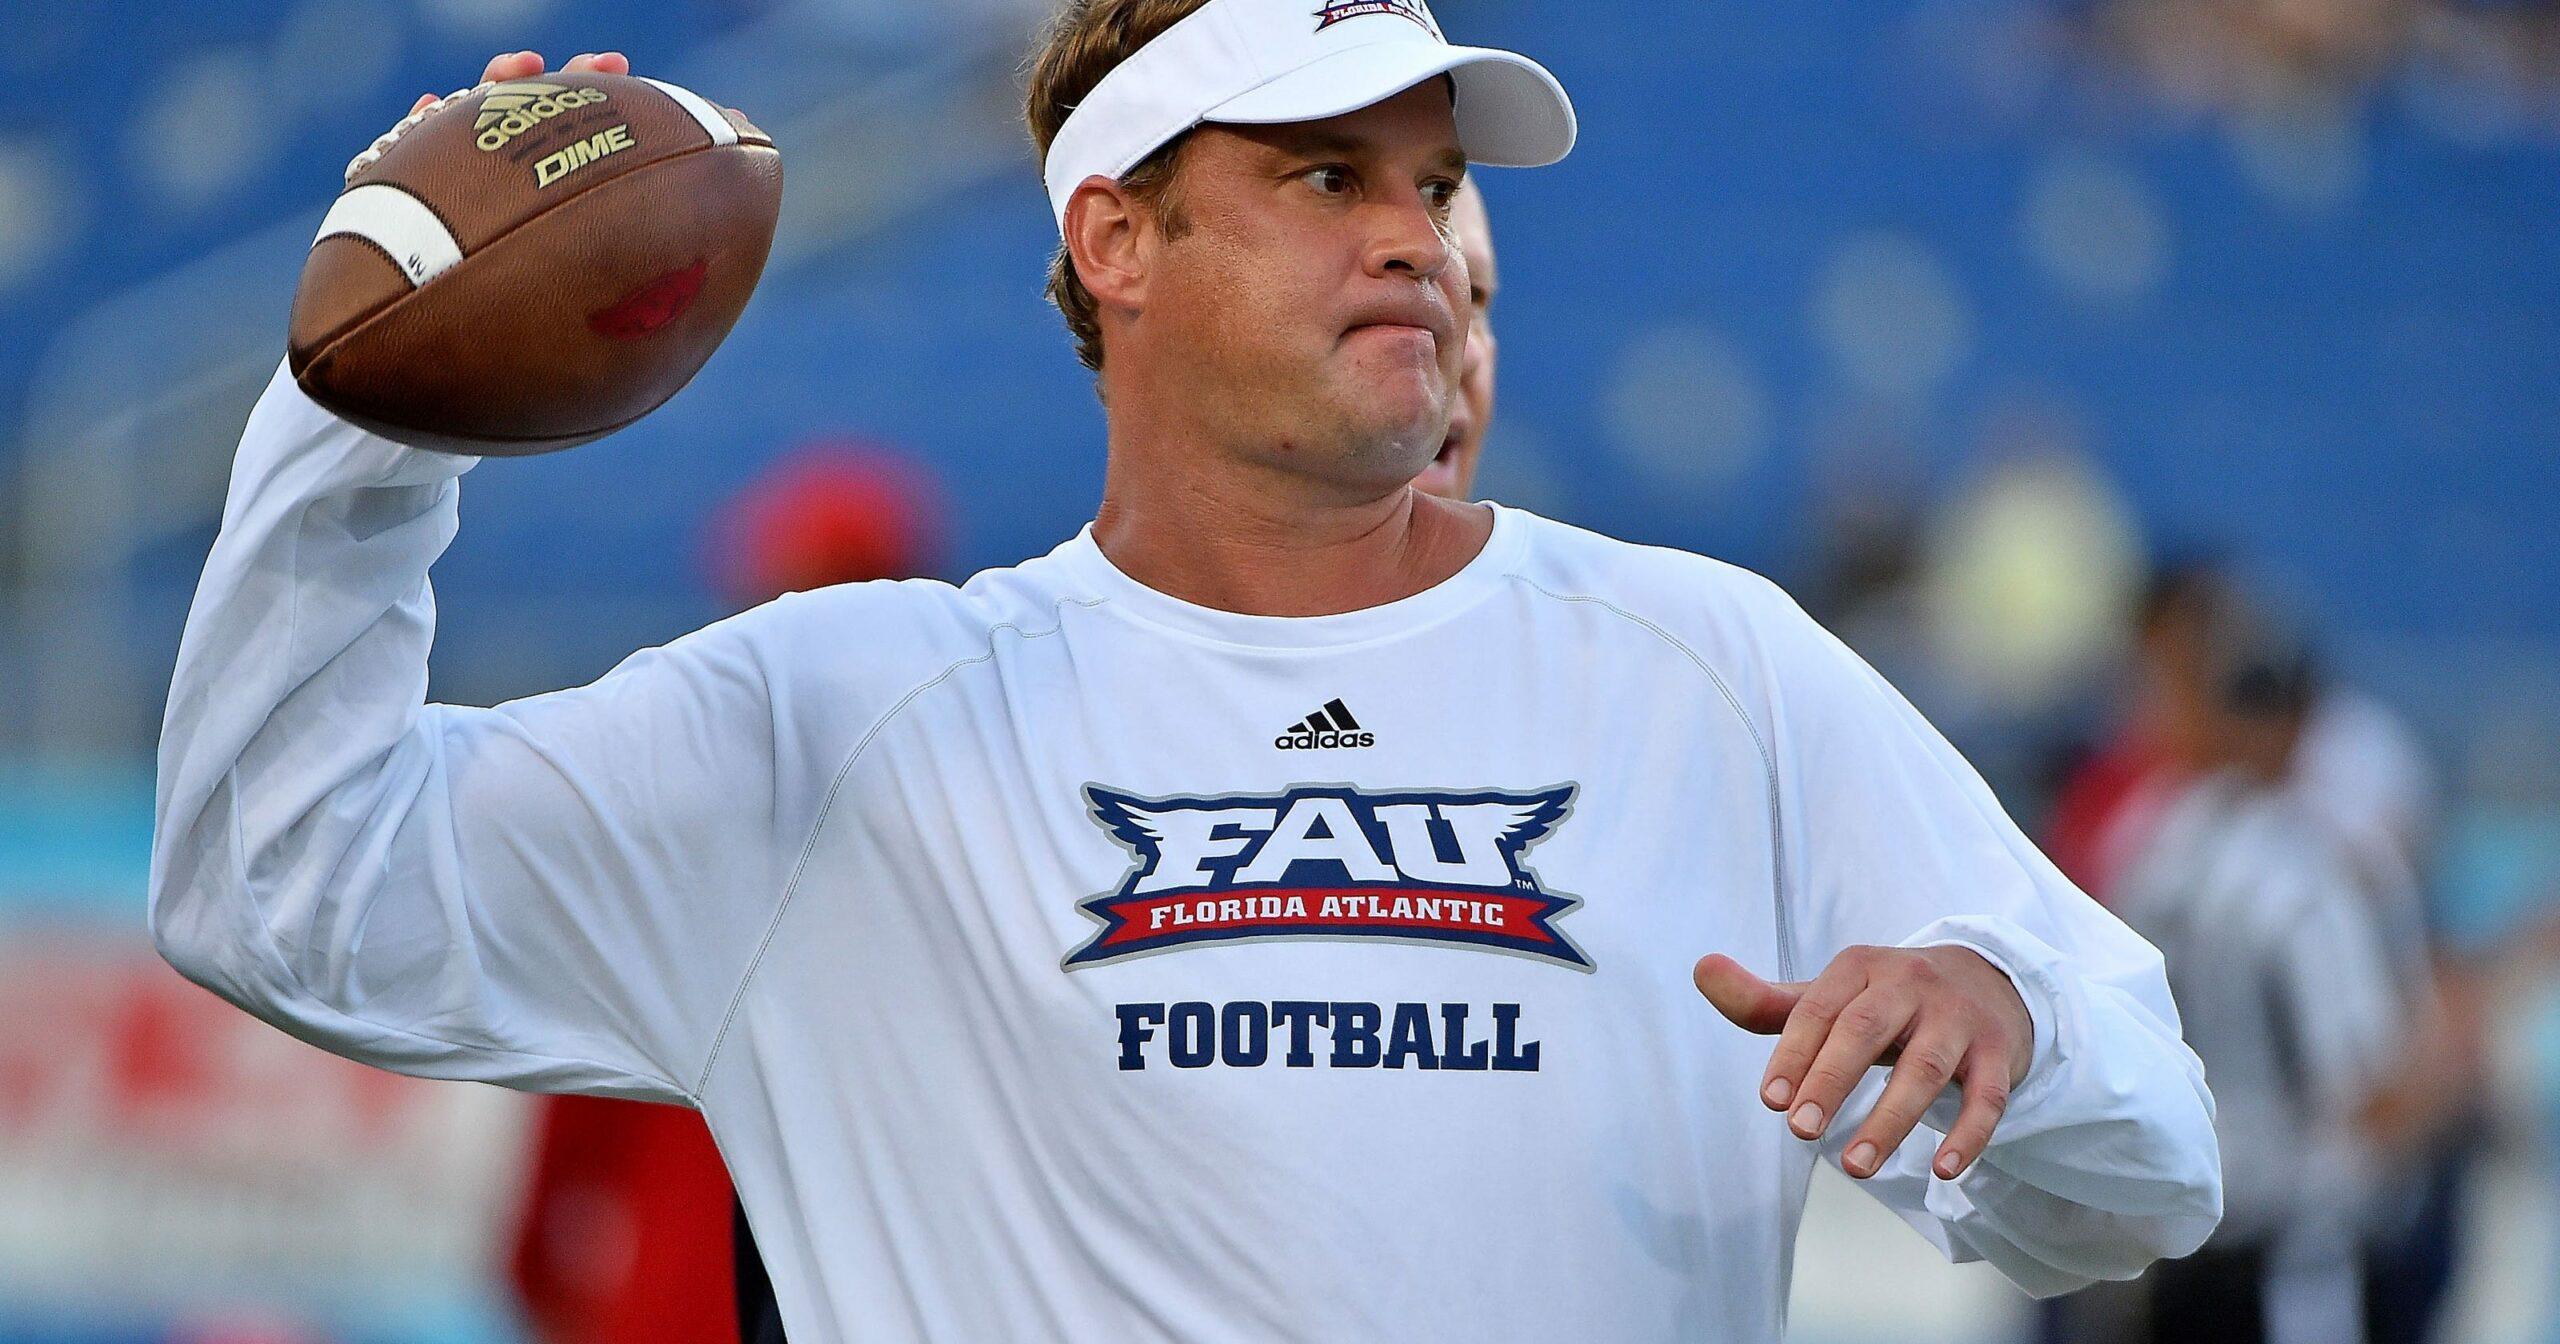 Lane Kiffin to Take Head Coaching Job at Ole Miss